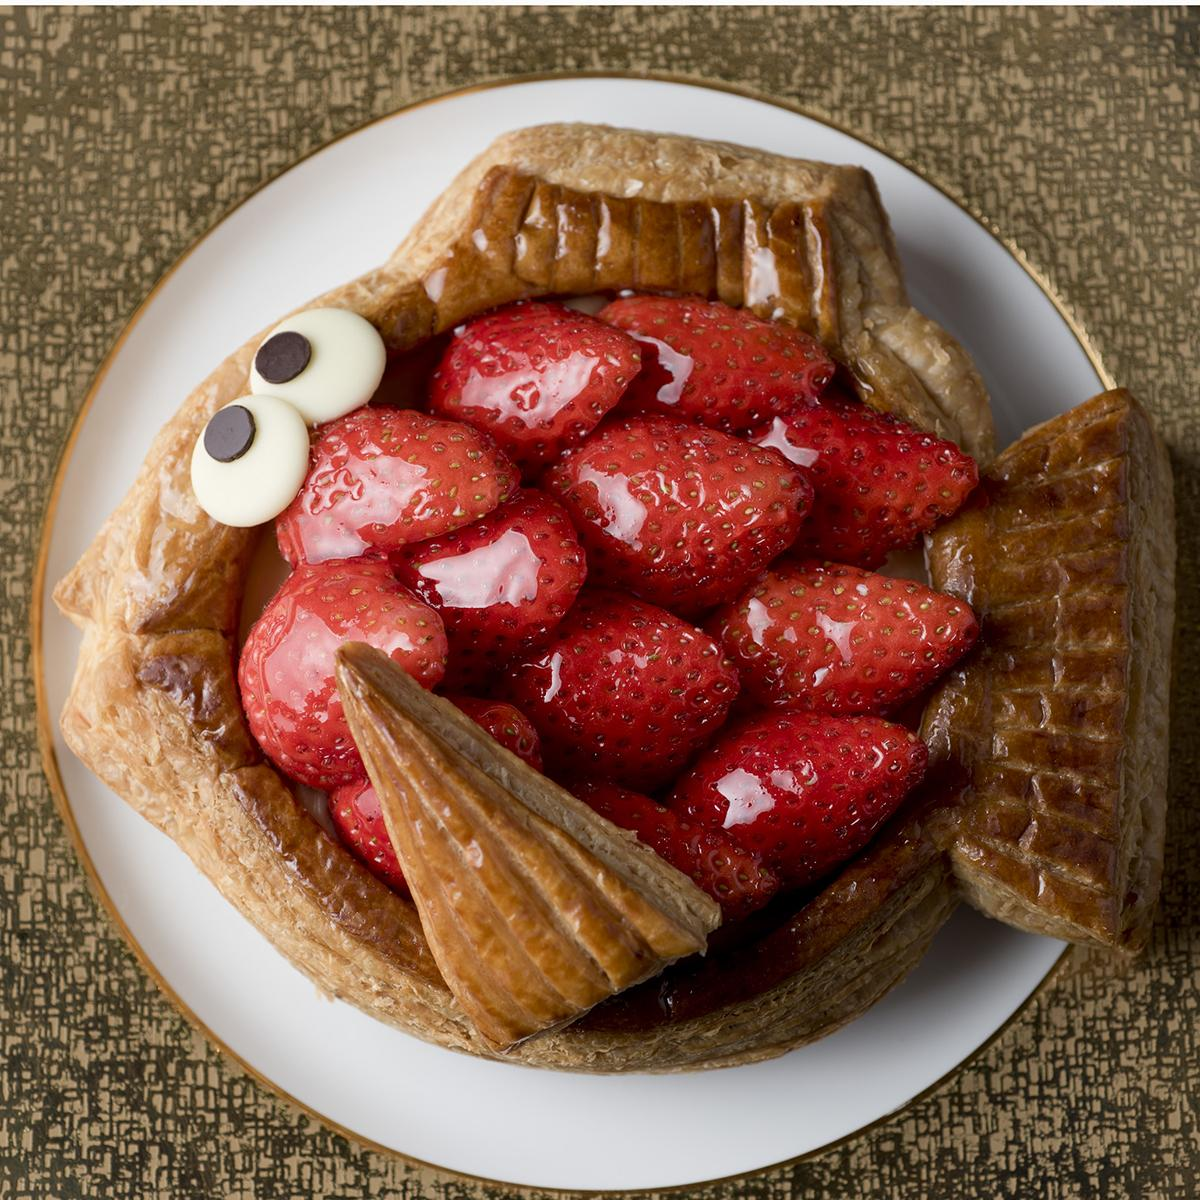 やよいひめのきれいな形を生かしうろこに。魚の形に焼いたパイにはやよいひめに合わせたカスタードクリームとホイップクリームが